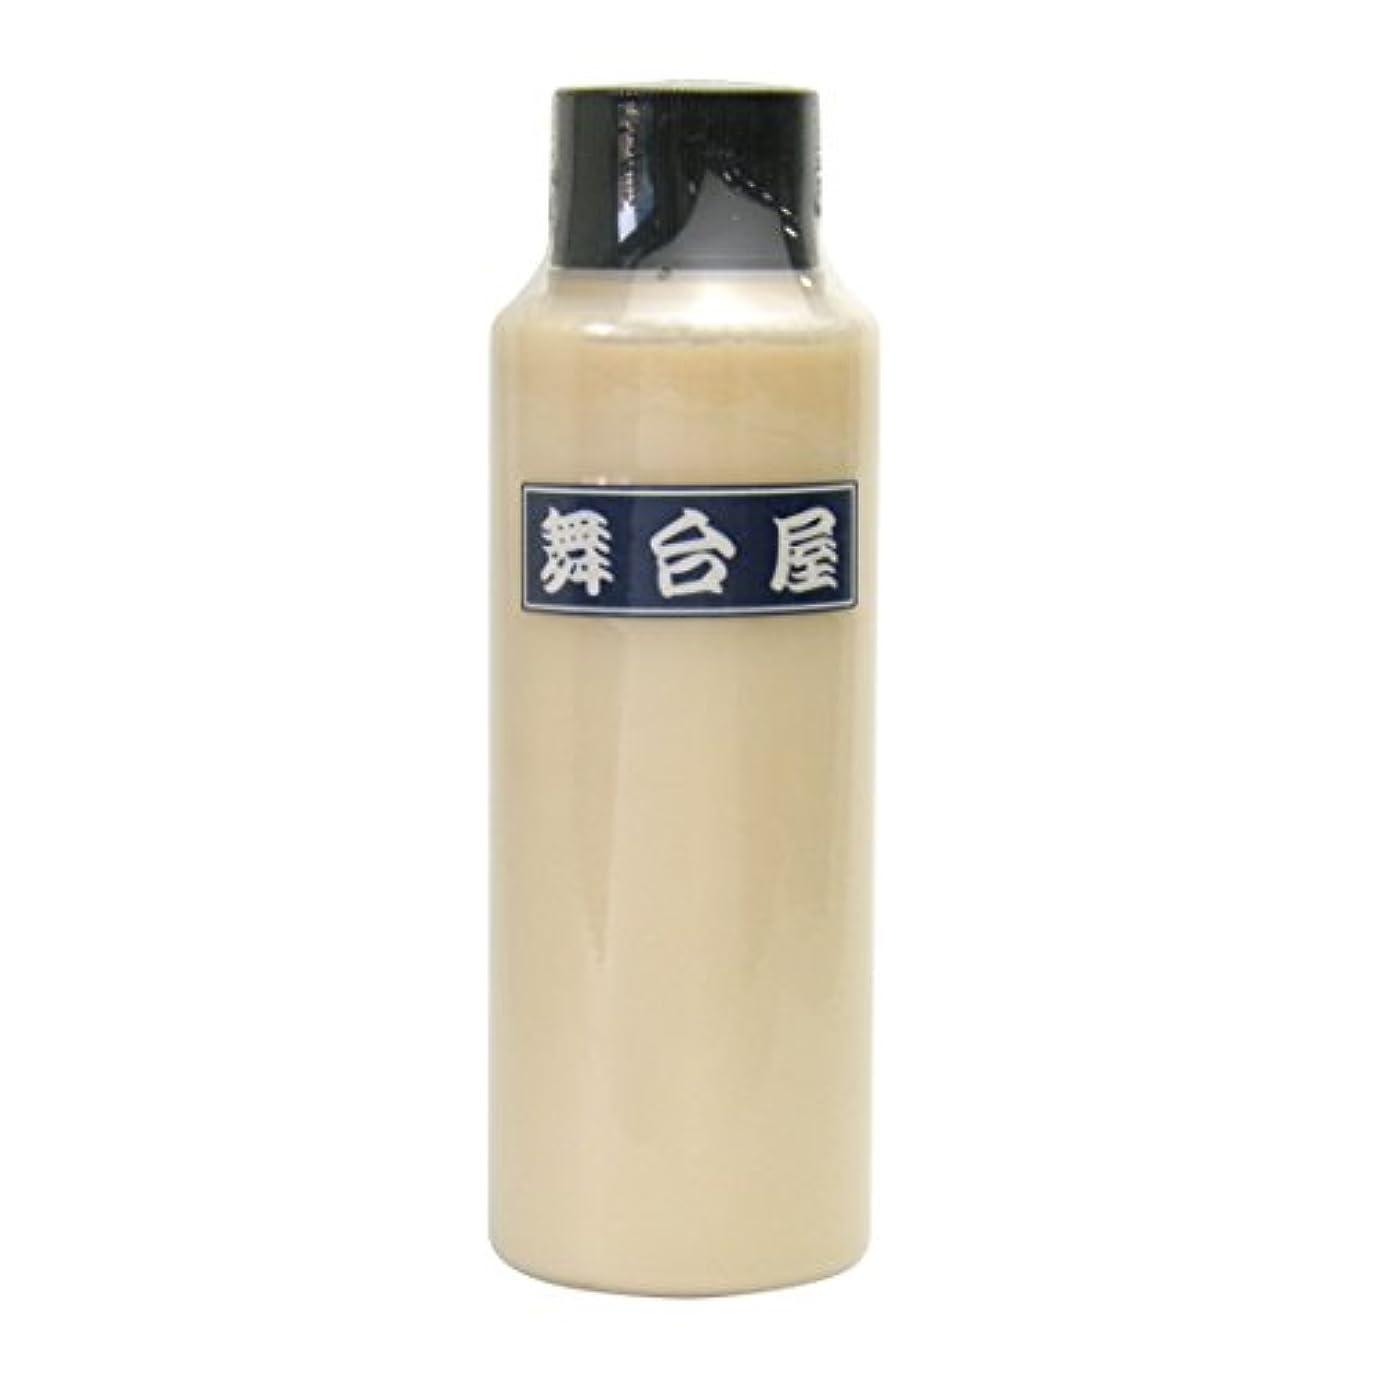 ガラス敬礼意識舞台屋 水白粉 ナチュラル-2